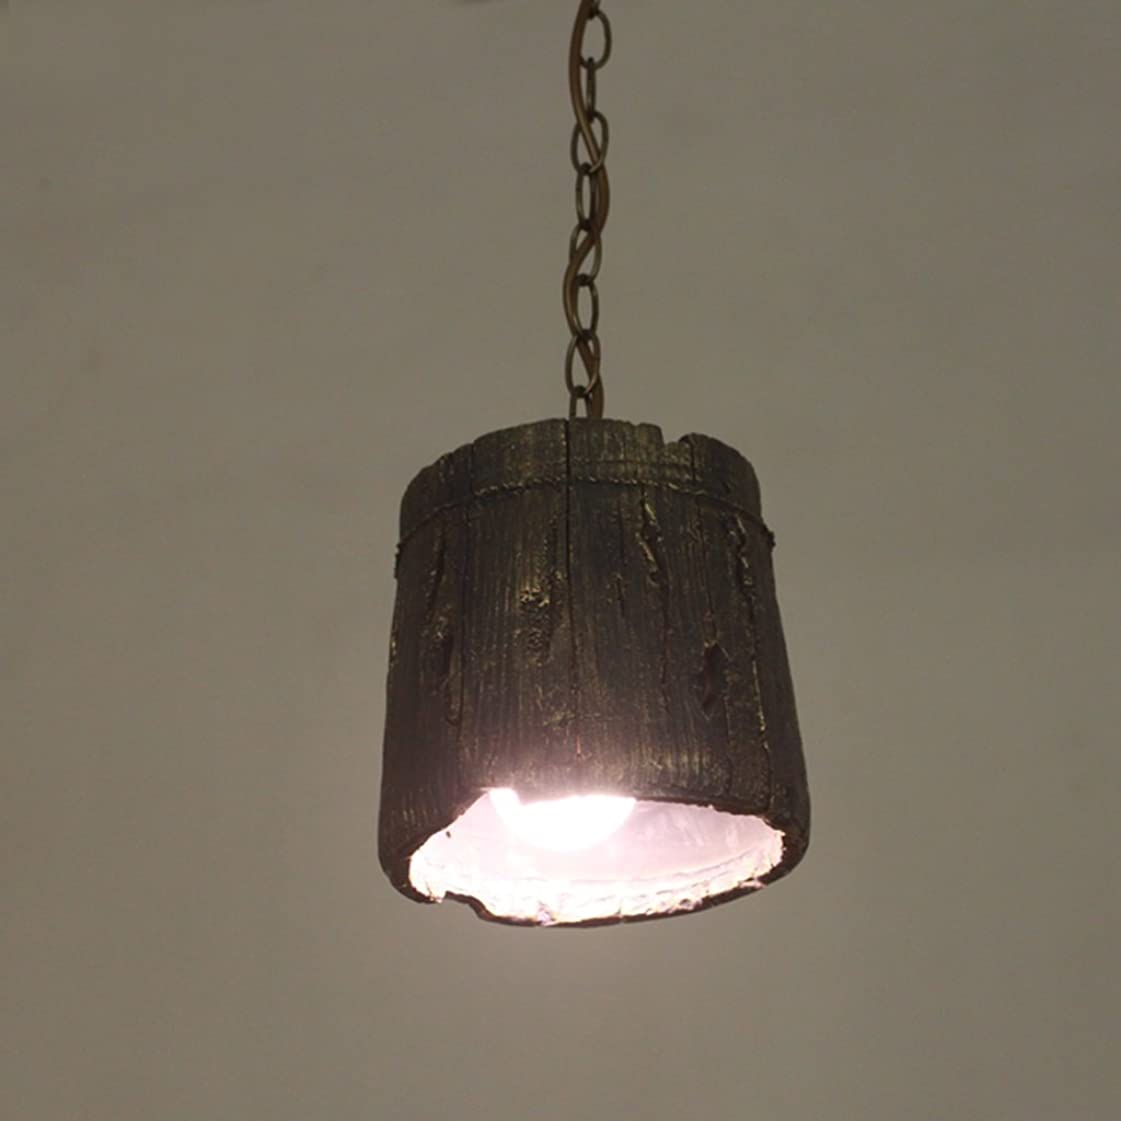 ガラガラ嵐のバラバラにするYSYYSH レトロな人格クリエイティブシングルヘッド樹脂シャンデリアバーバルコニーシャンデリアリビングエリアに最適 寝室の装飾ライト